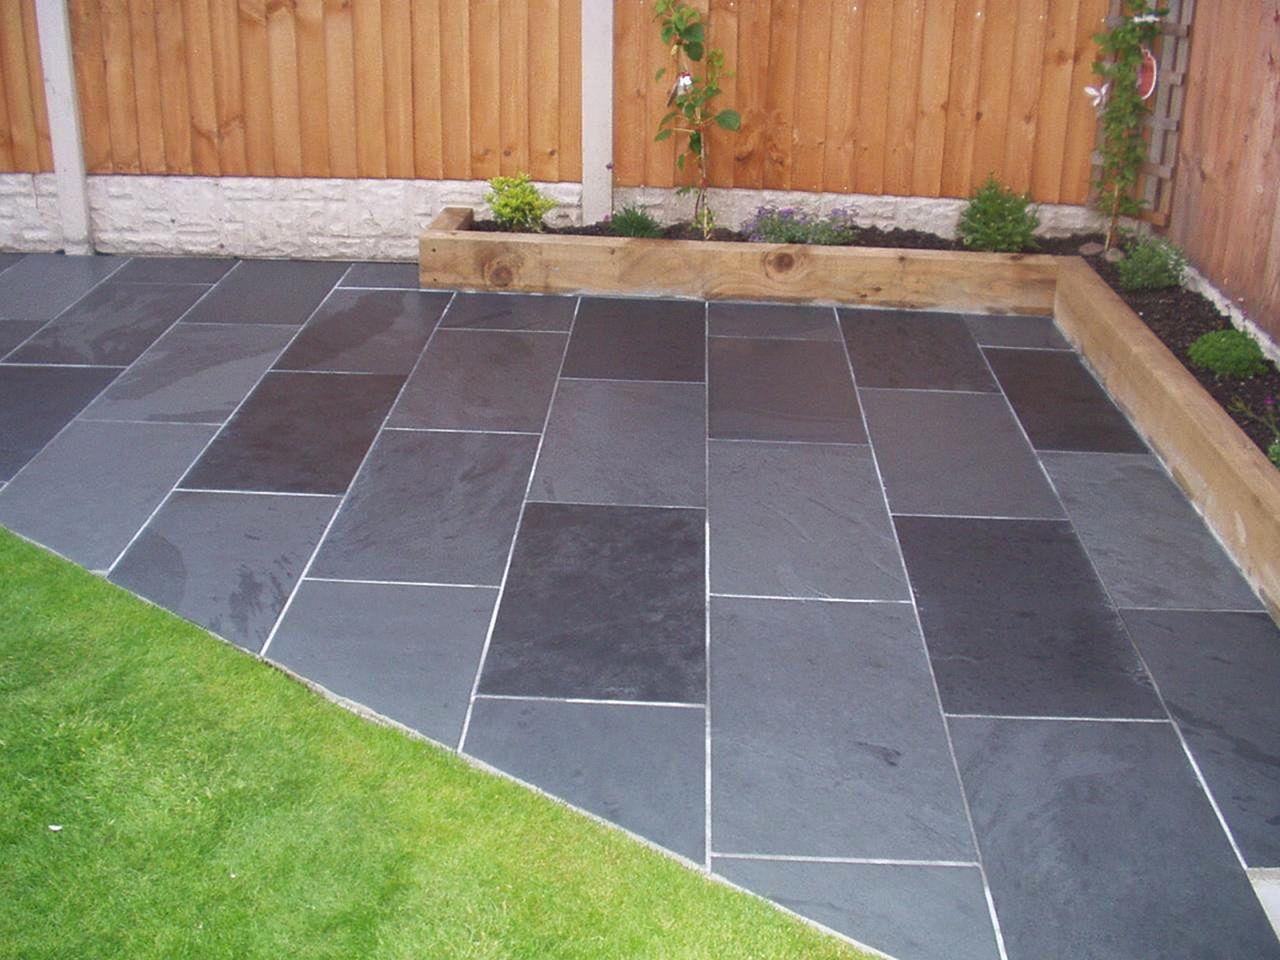 Black Slate Tile Outdoors Patio Black Slate Tile Outdoors